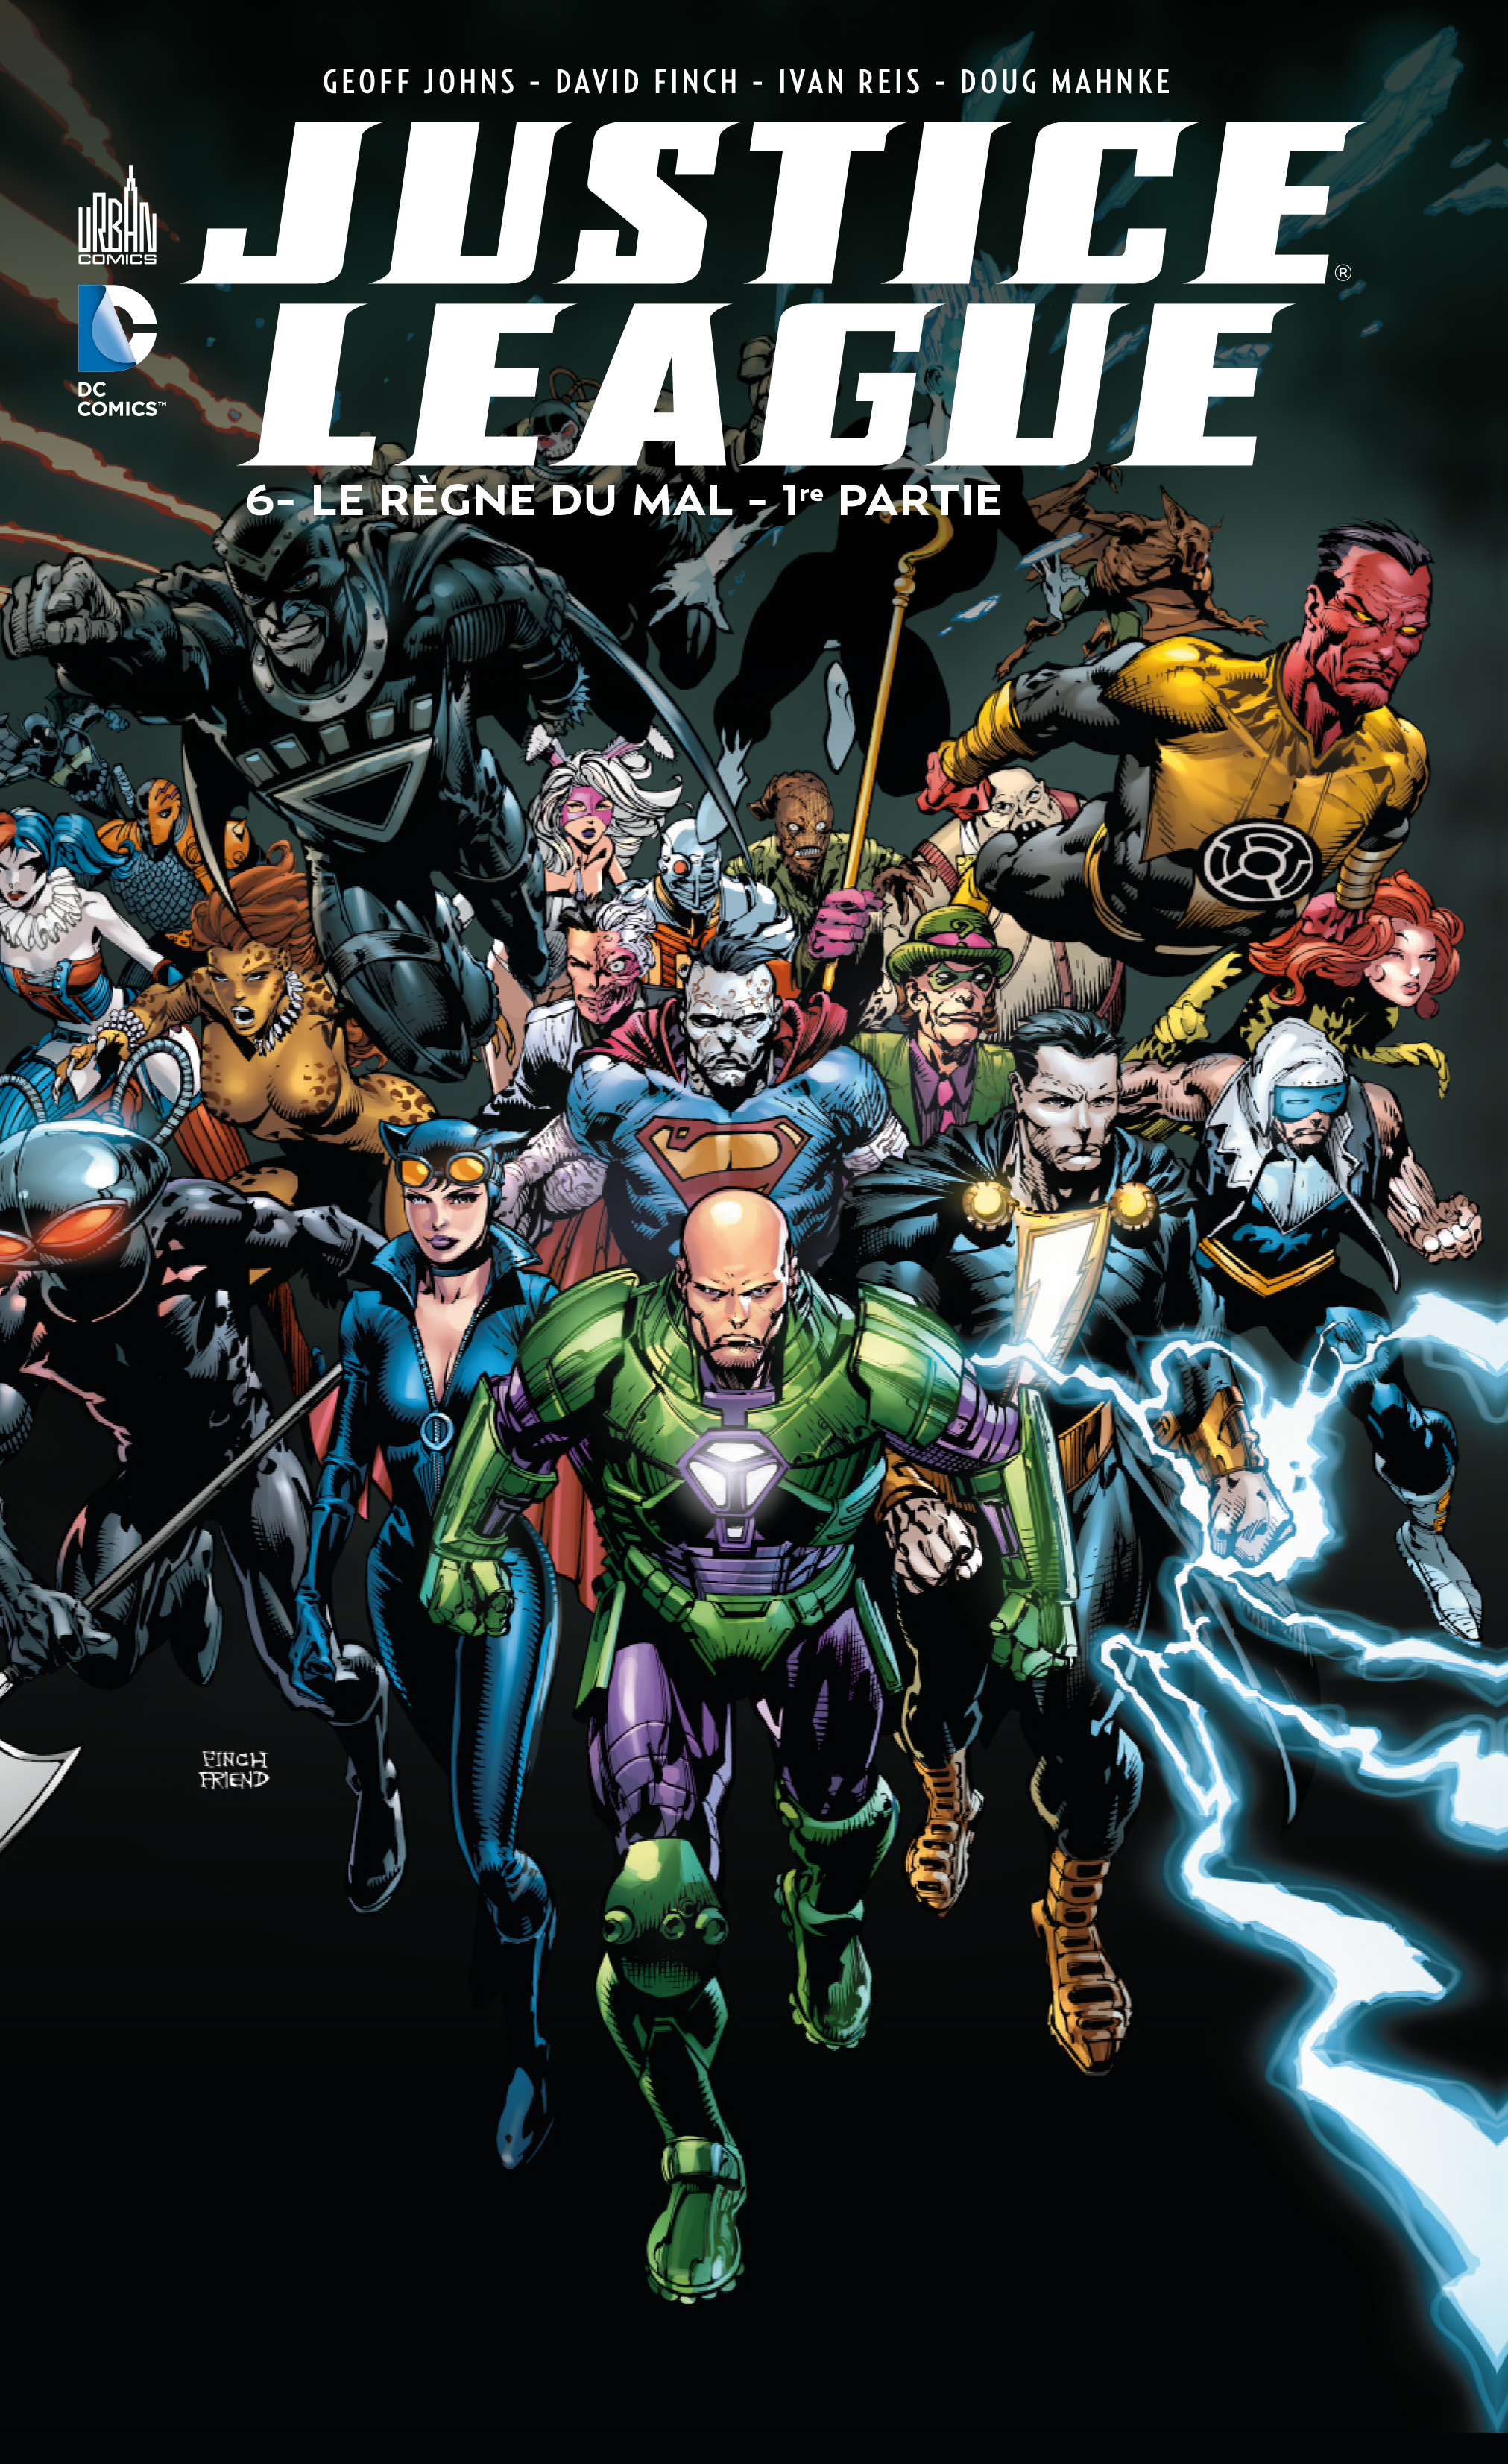 DC RENAISSANCE - JUSTICE LEAGUE TOME 6